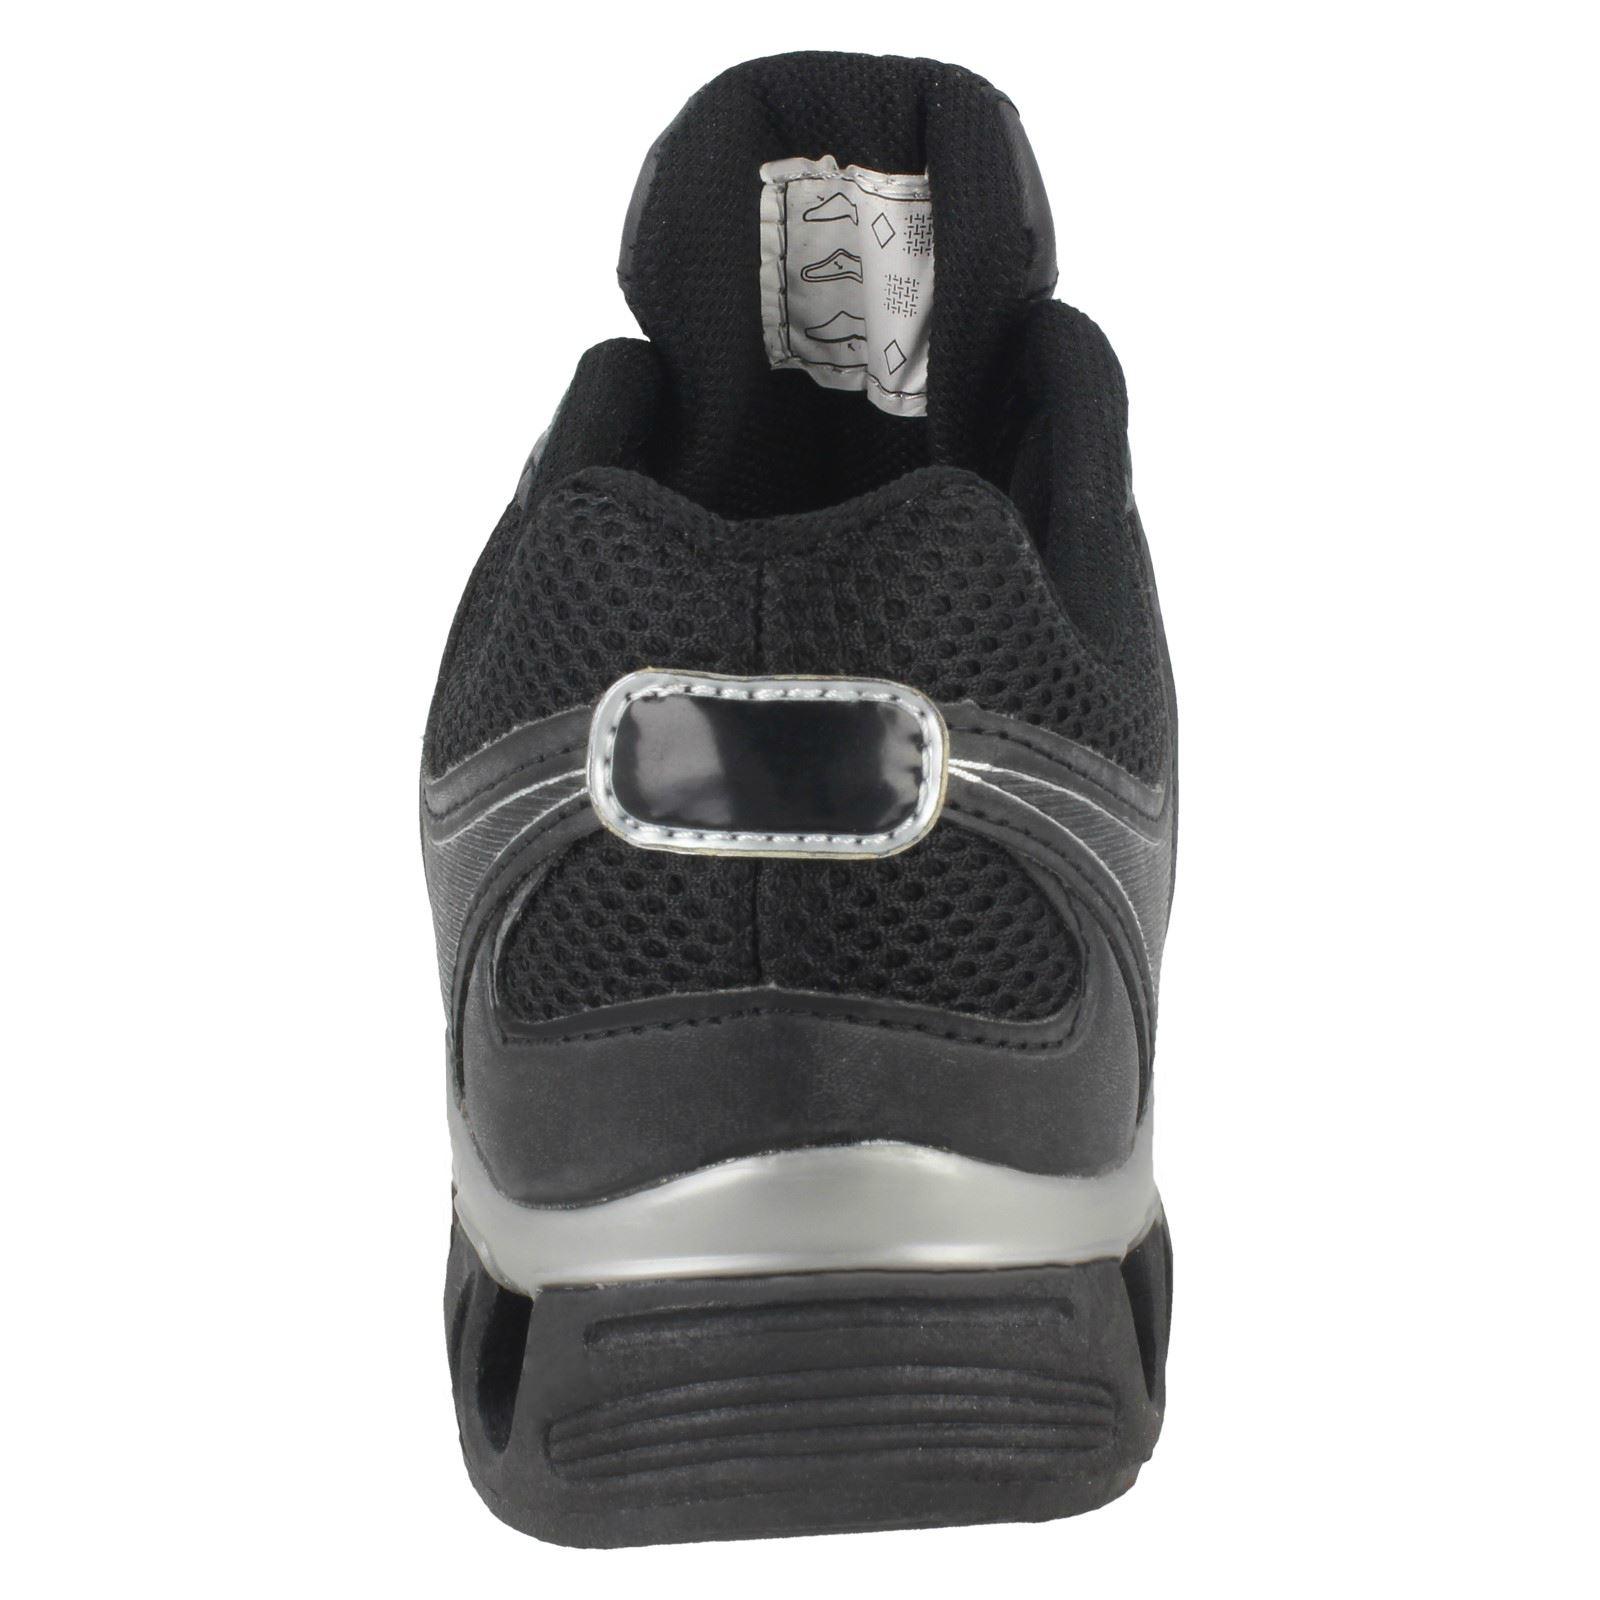 Zapatillas para Hombre Airtech Avanti Con Cordones